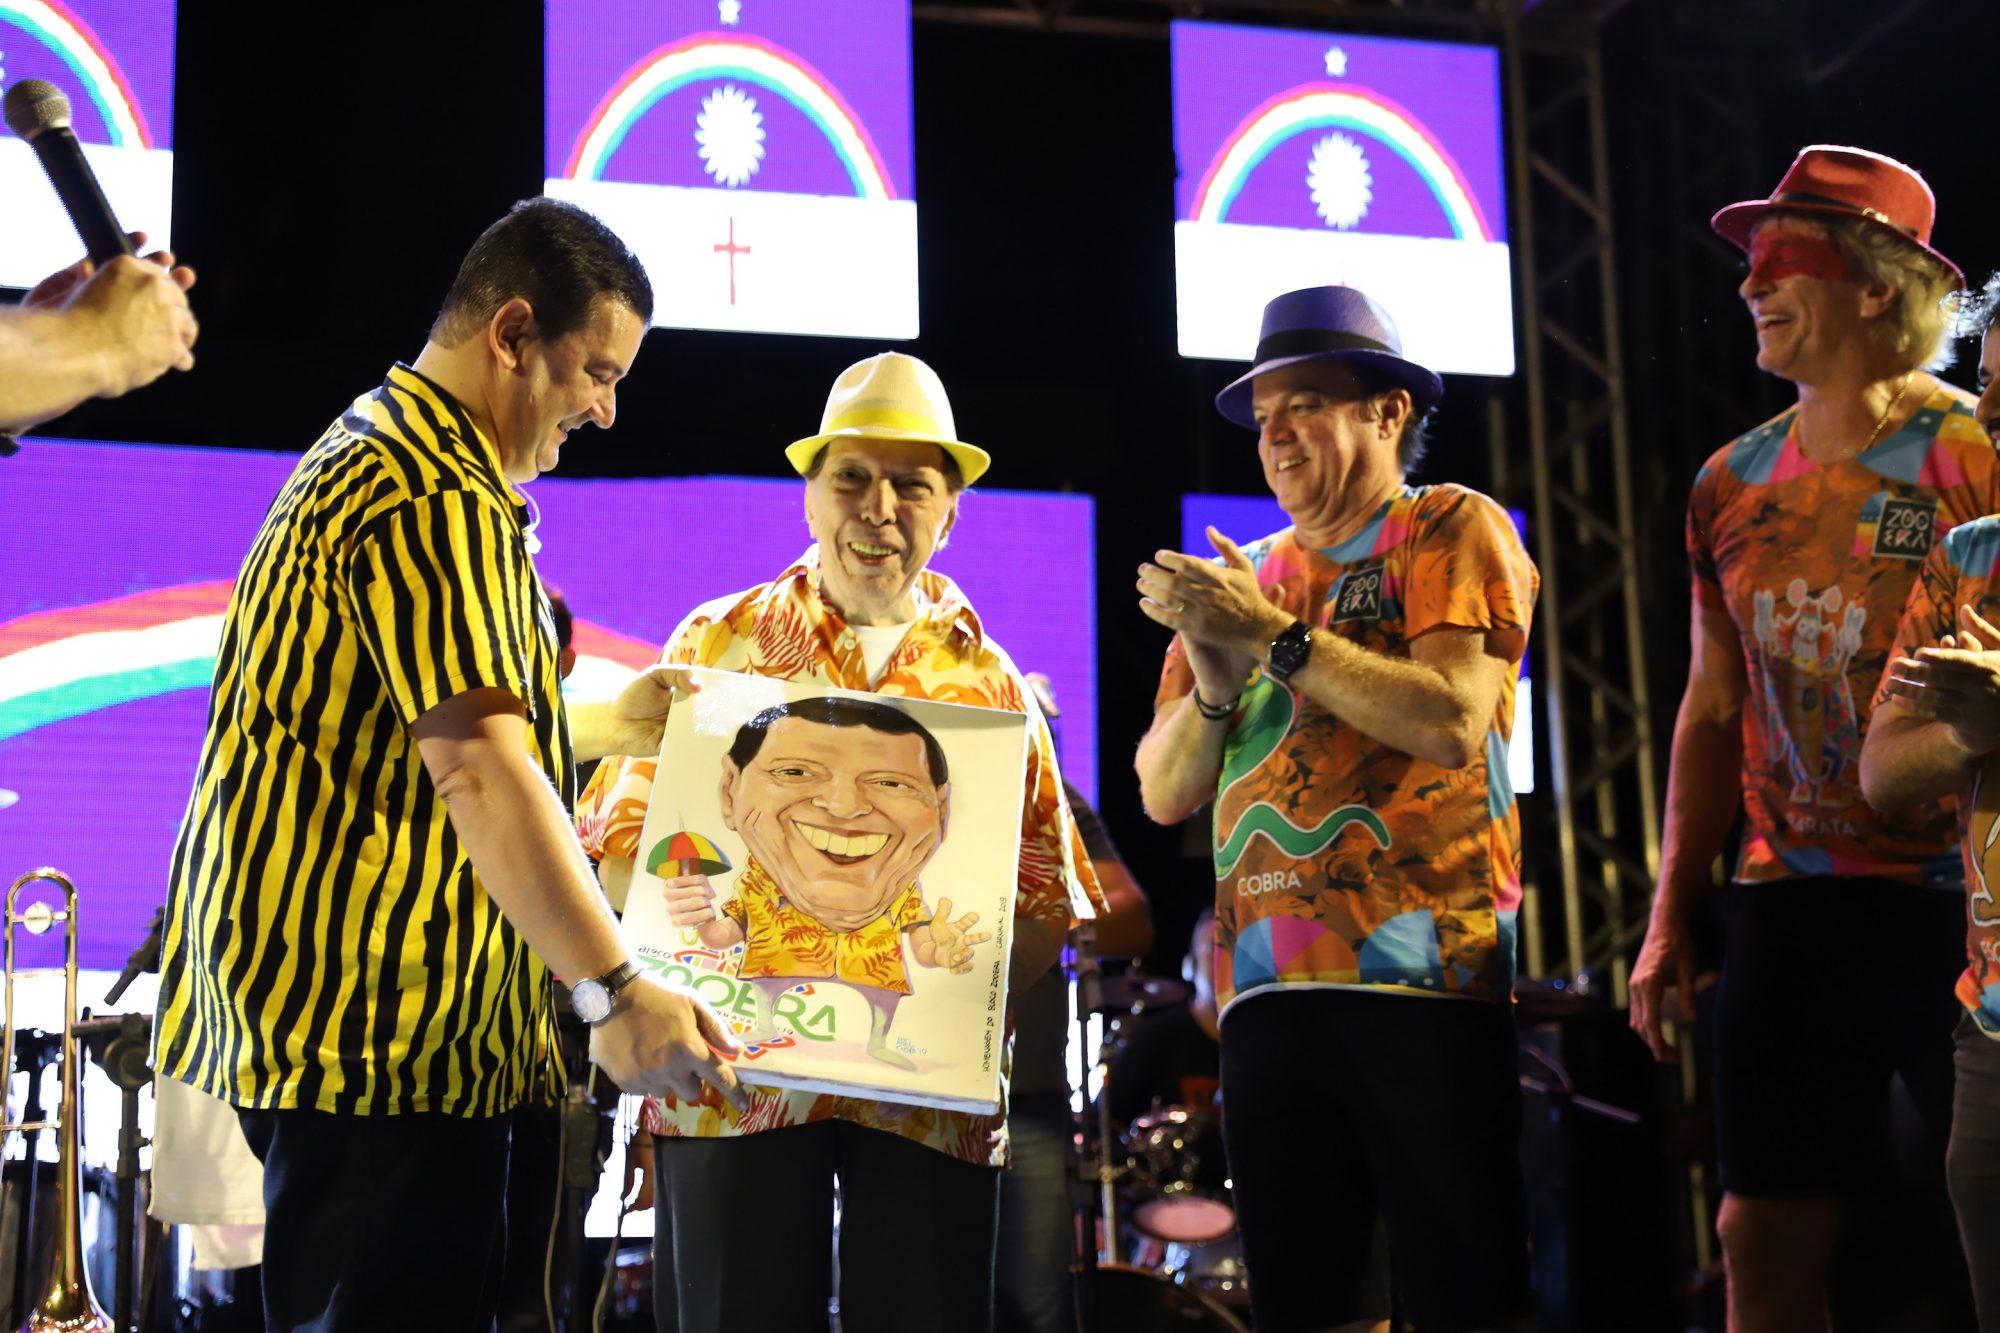 5º Bloco Zooêra foi marcado por homenagens a ícones da cultura Pernambucana